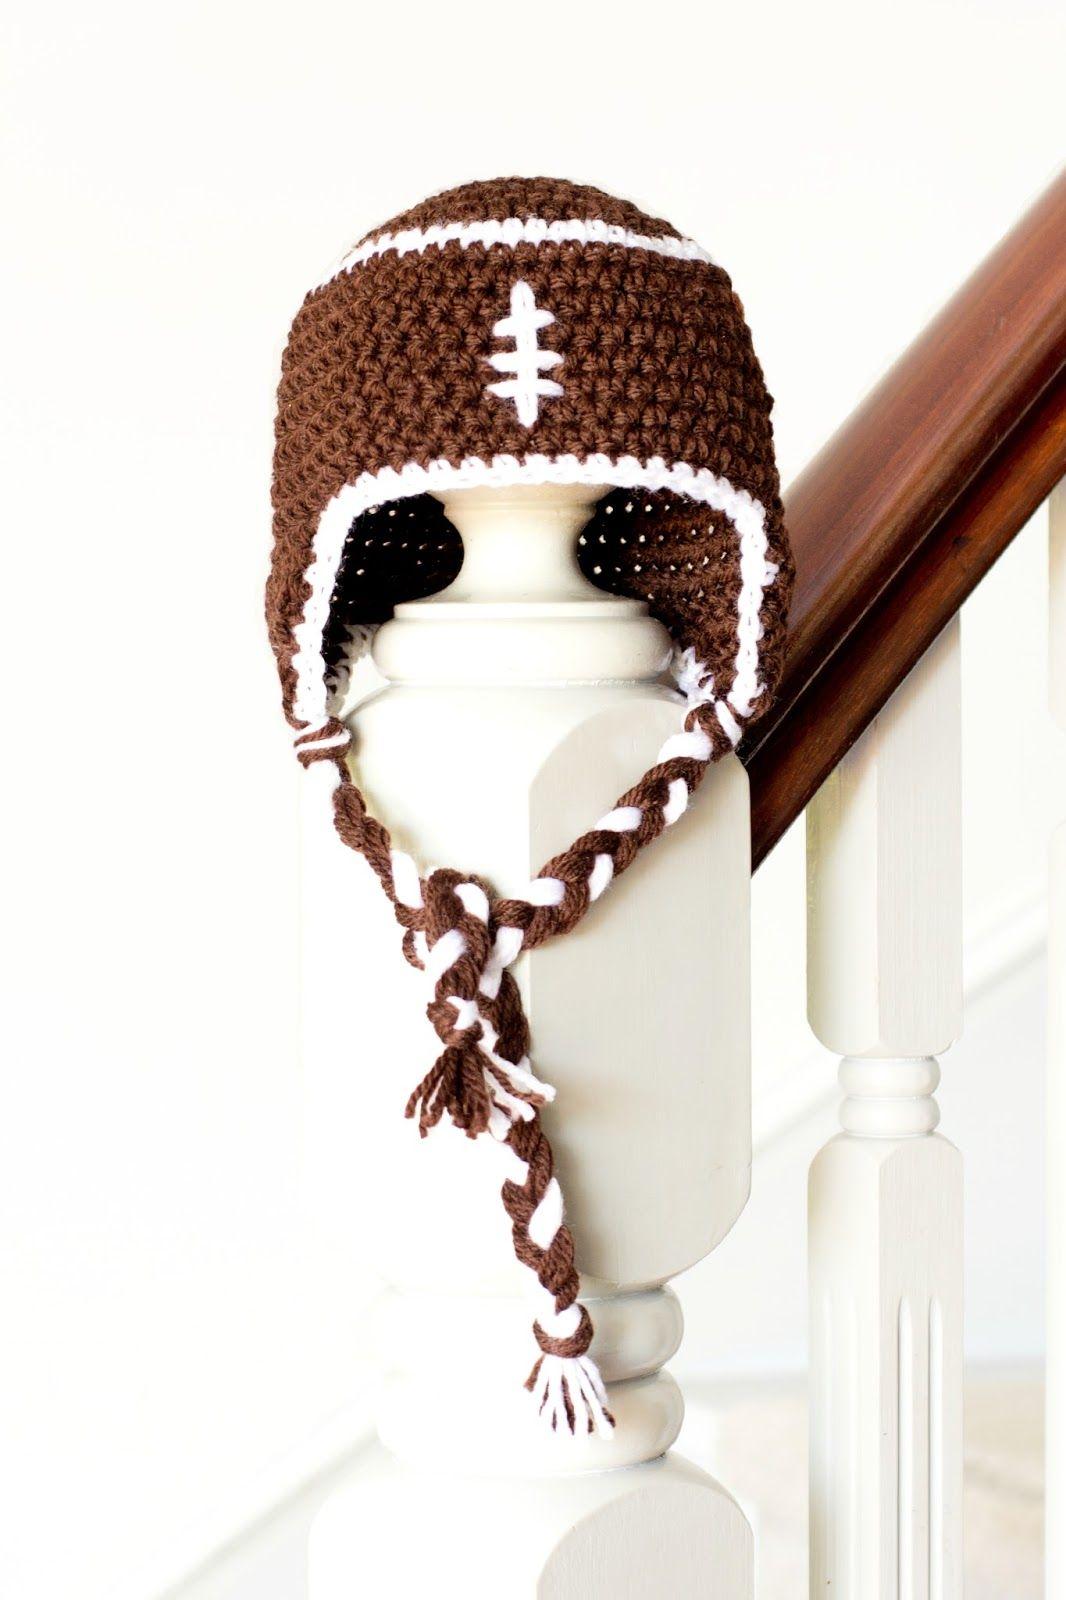 Baby Football Earflap Hat Crochet Pattern | meine Kinder, Häckeln ...